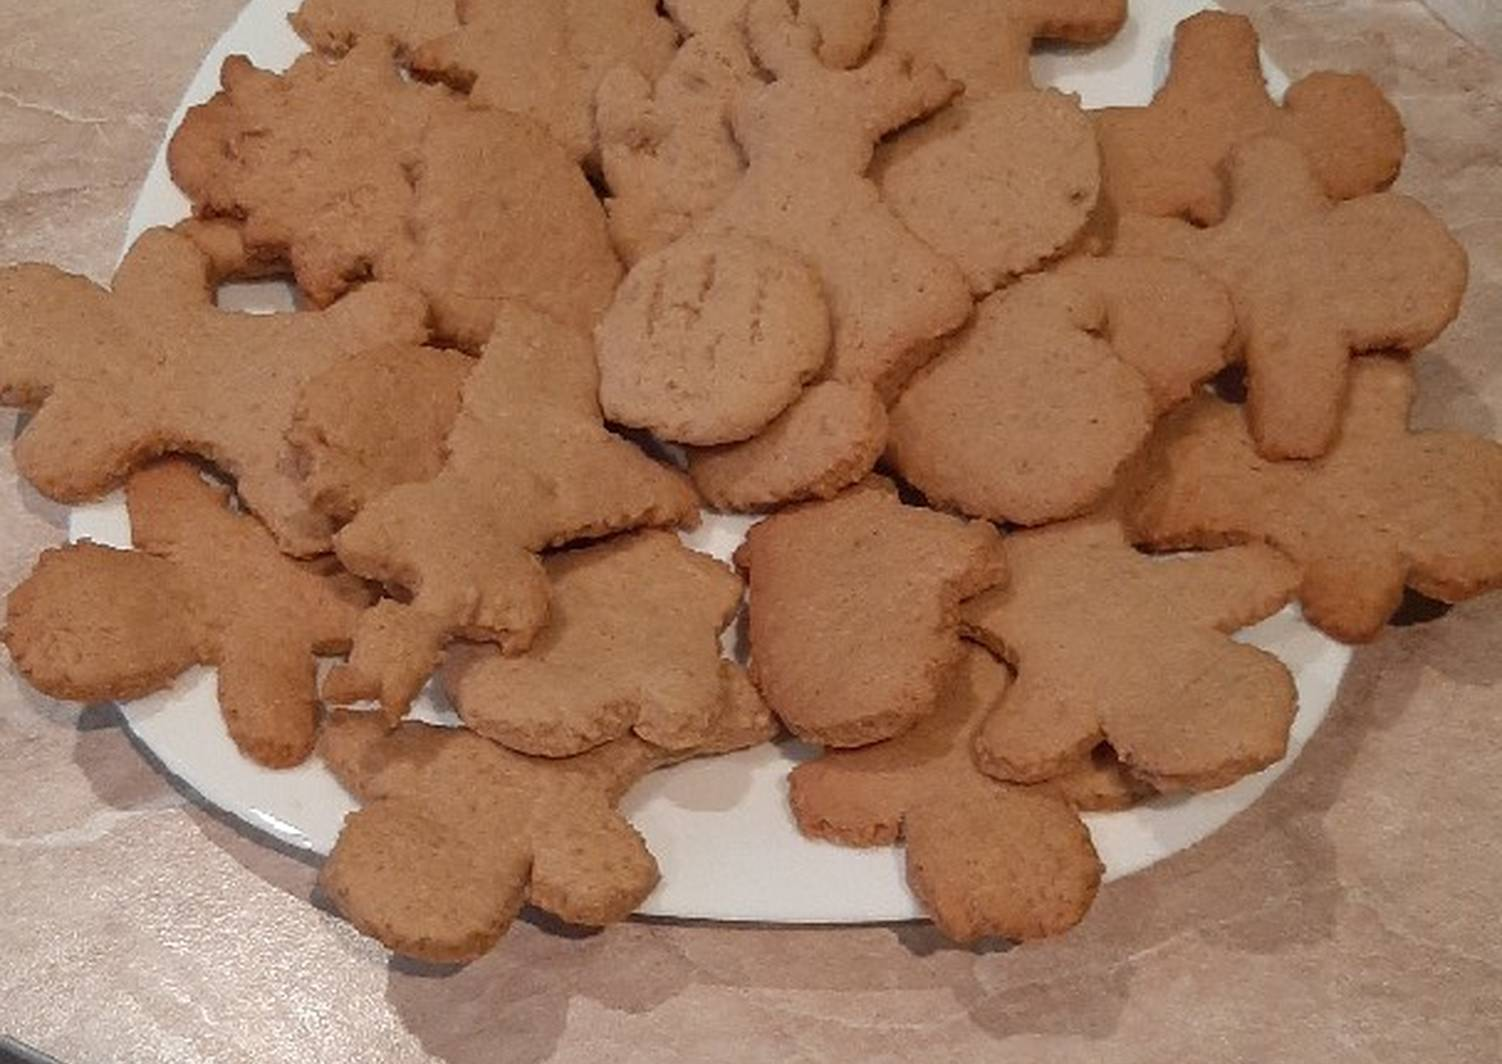 имбирное печенье рецепт с фото юлии высоцкой арестовали, все